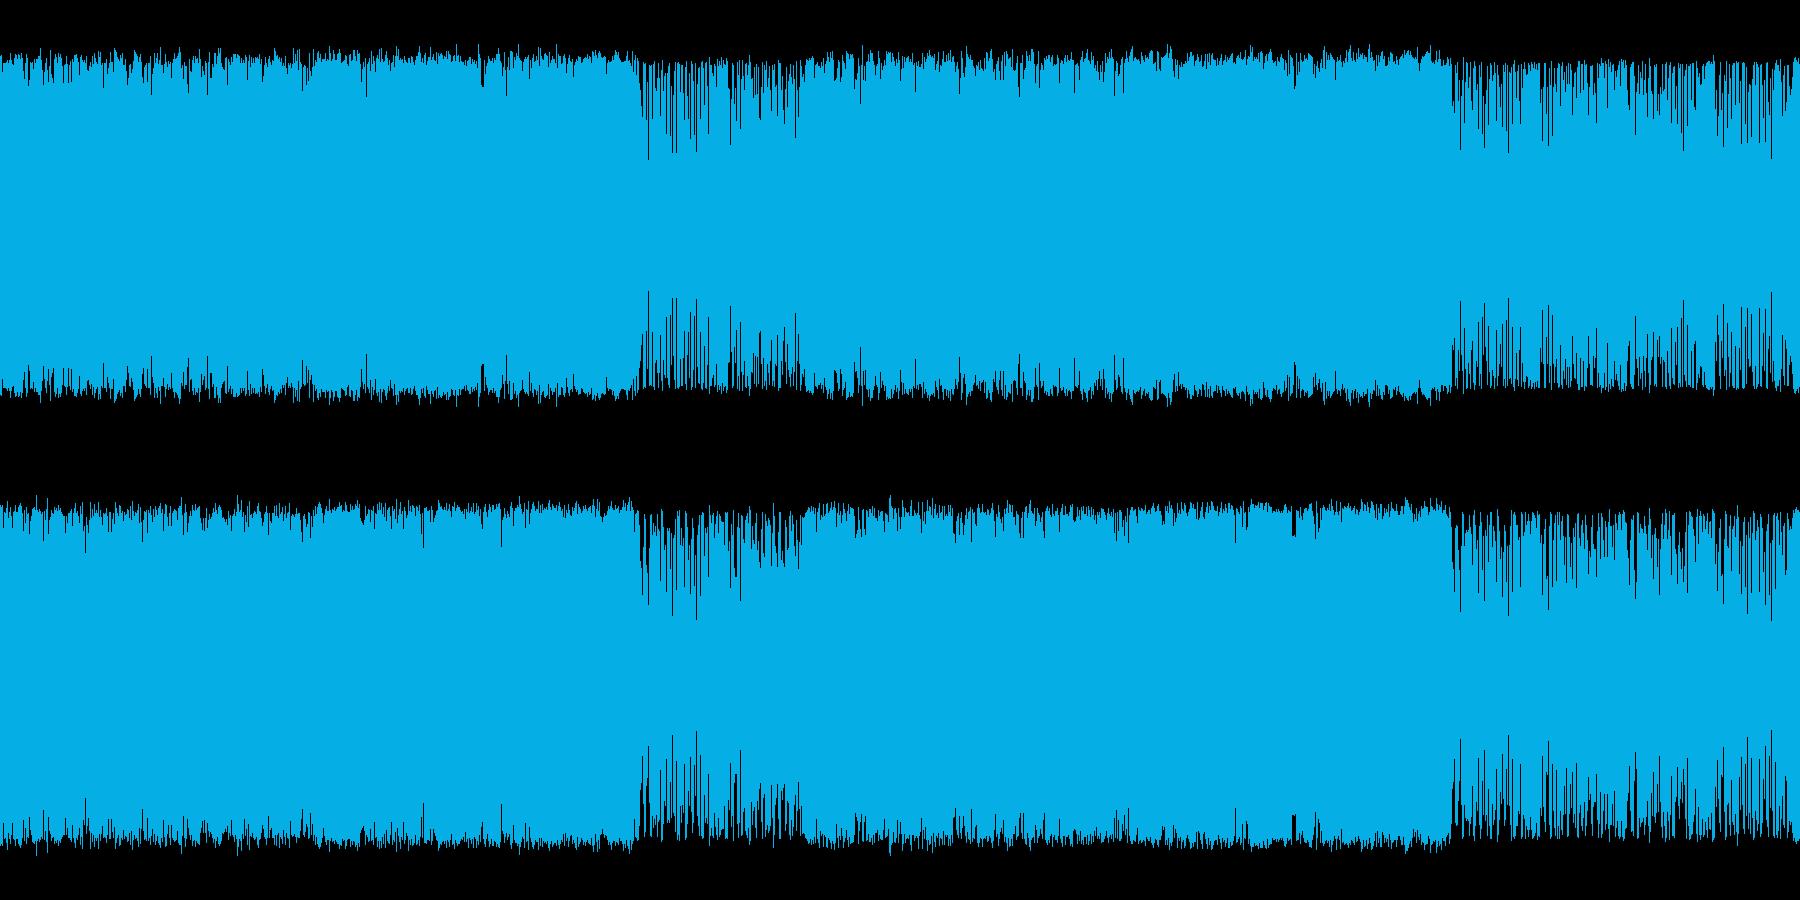 オーケストラ変拍子系の曲の再生済みの波形